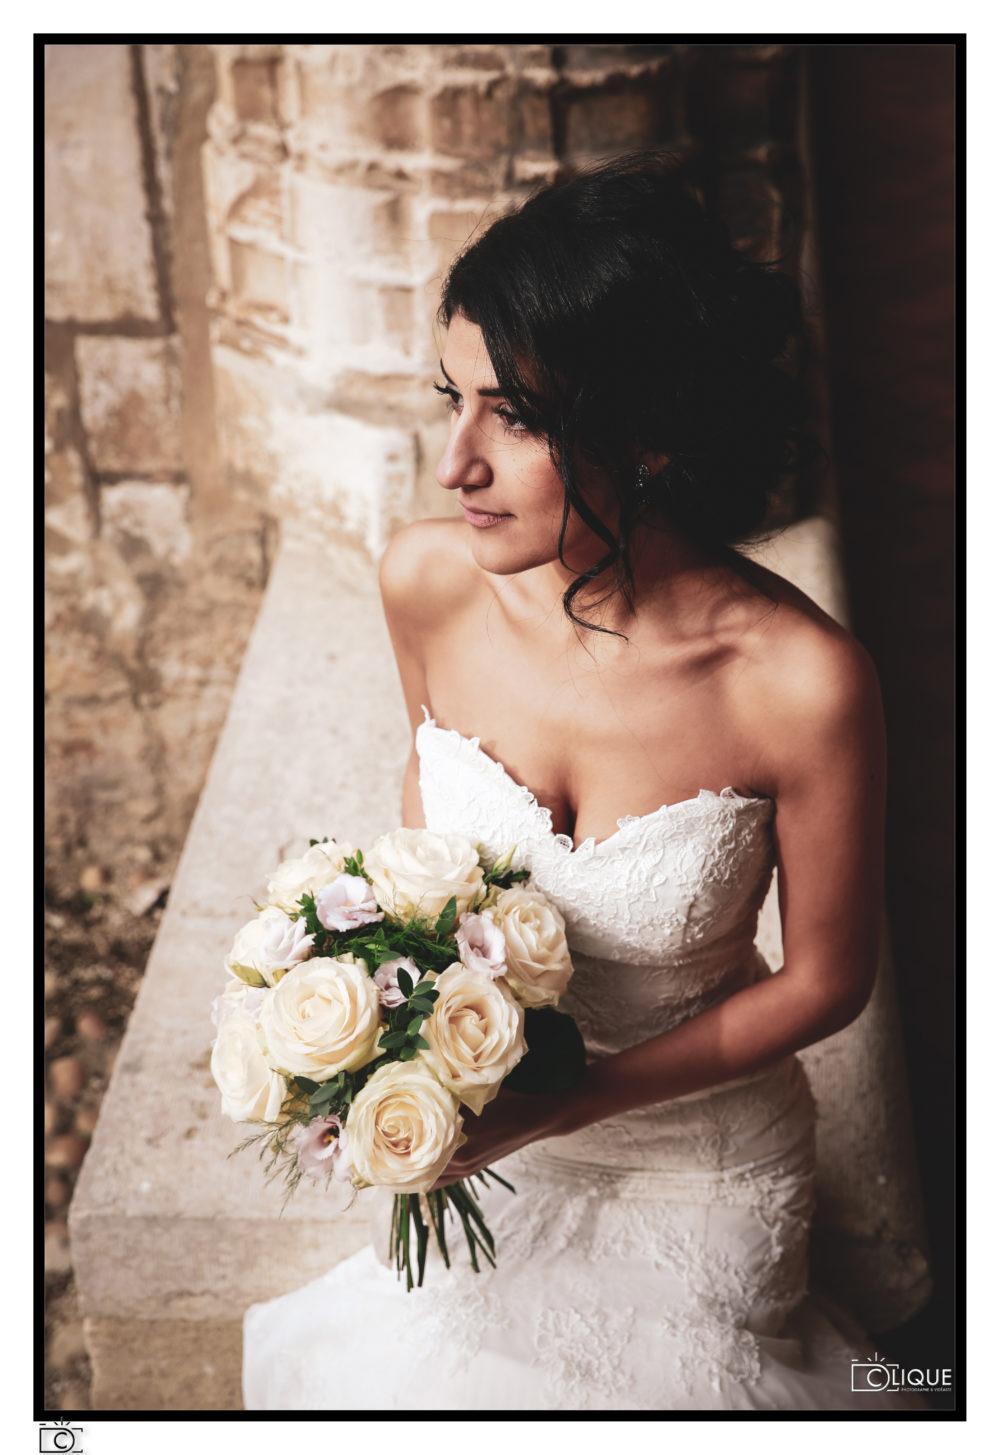 mariage photographe portrait Weeding